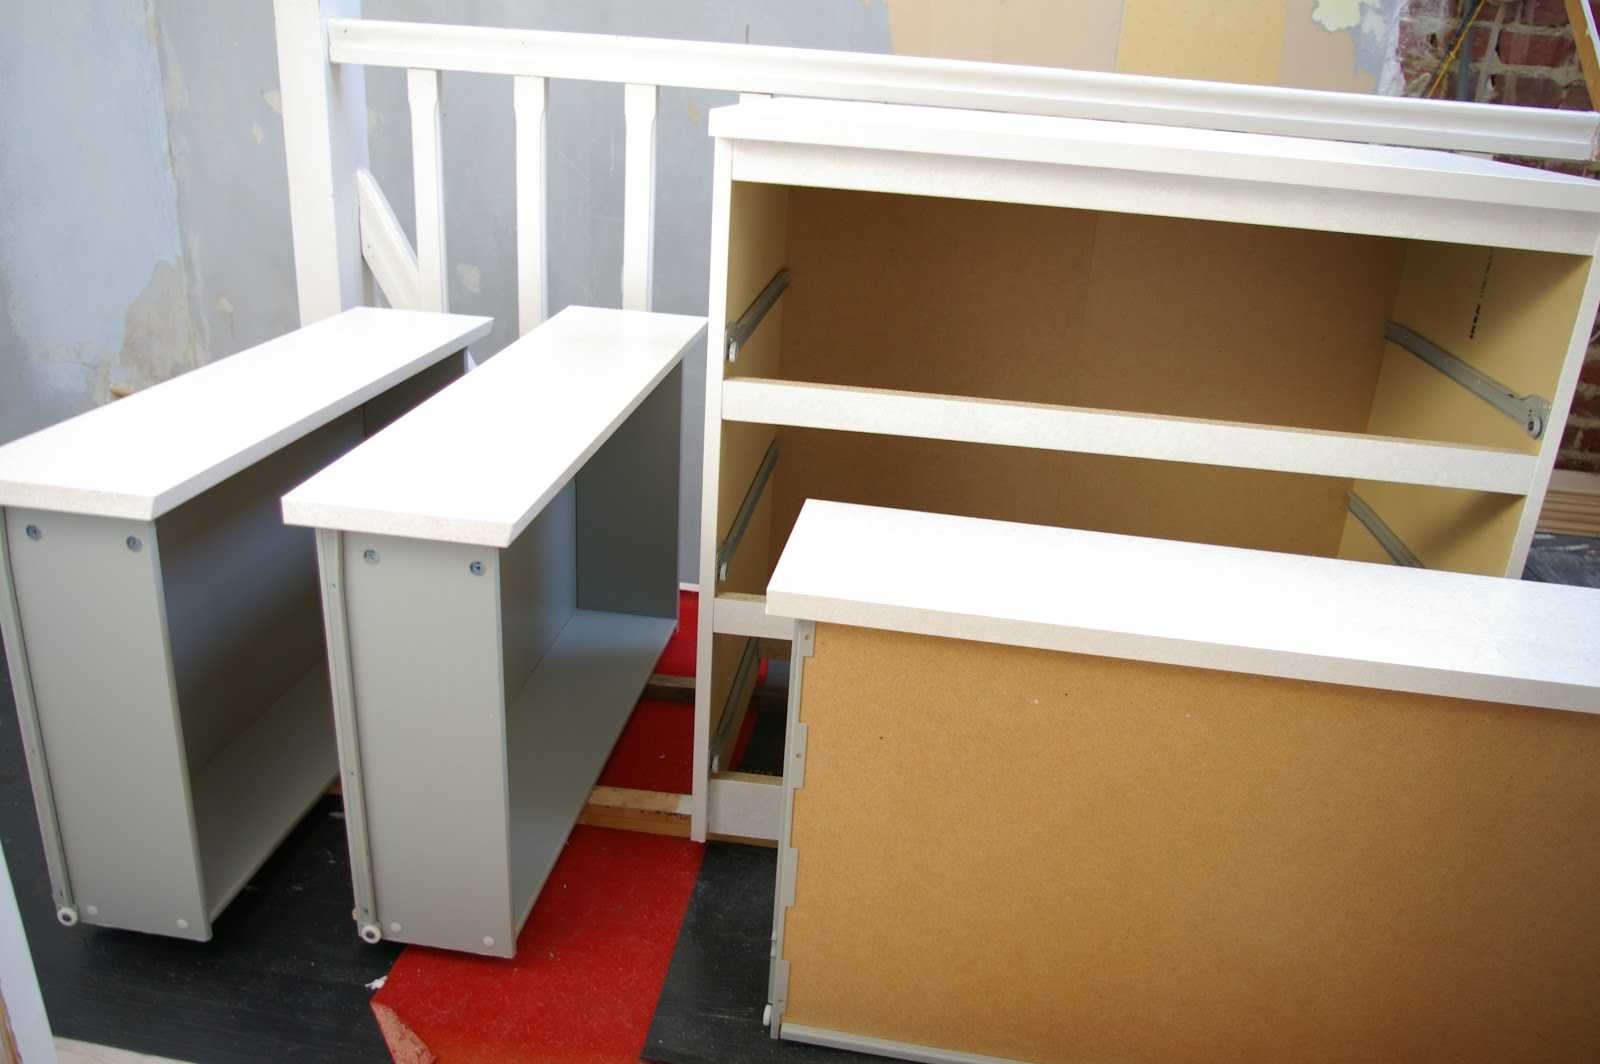 Ikea Meuble Laque Blanc Finest Meuble Salle A Manger Cliquez De  # Meuble Laque Blanc Ikea